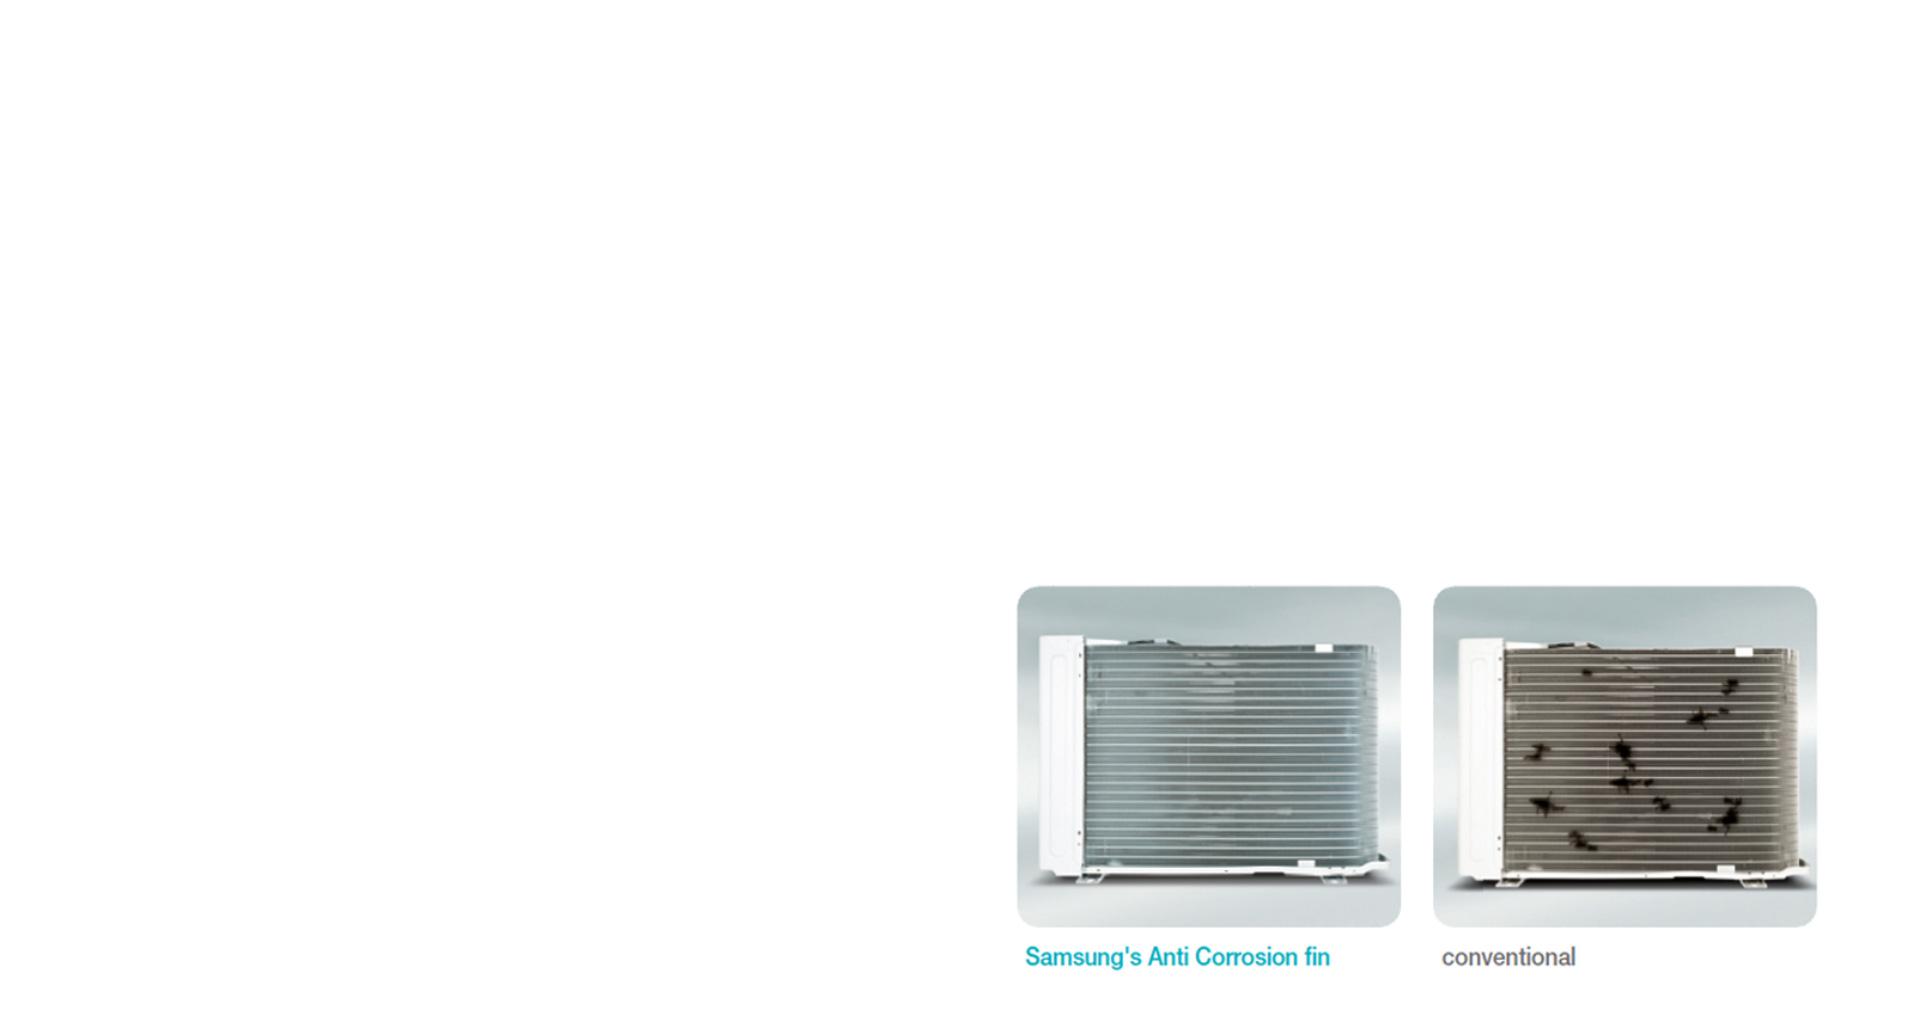 طراحی روکش محافظ فین در کولر گازی مدل بوراکای